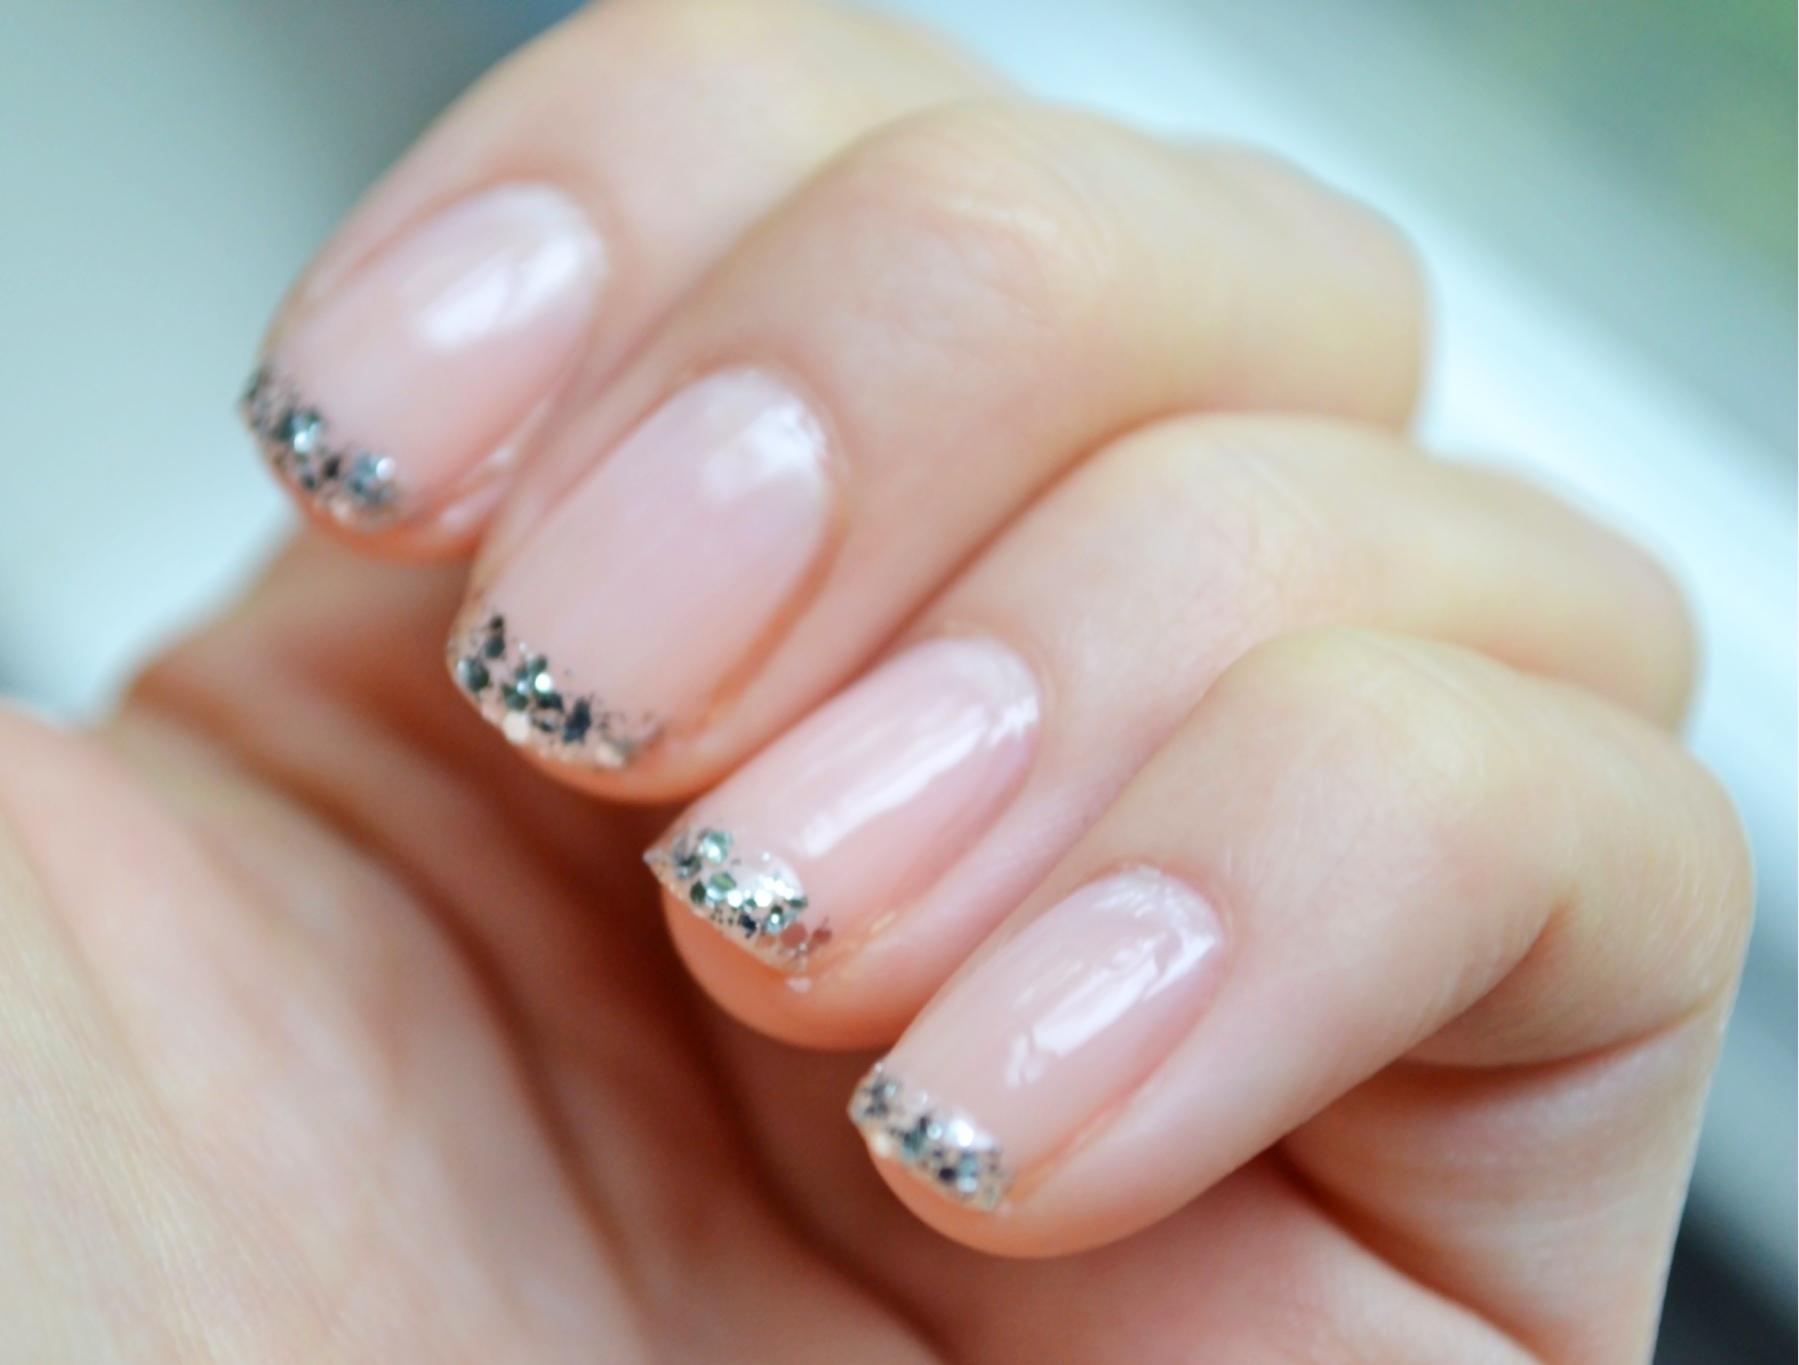 Ногти френч с блестками на короткие ногти